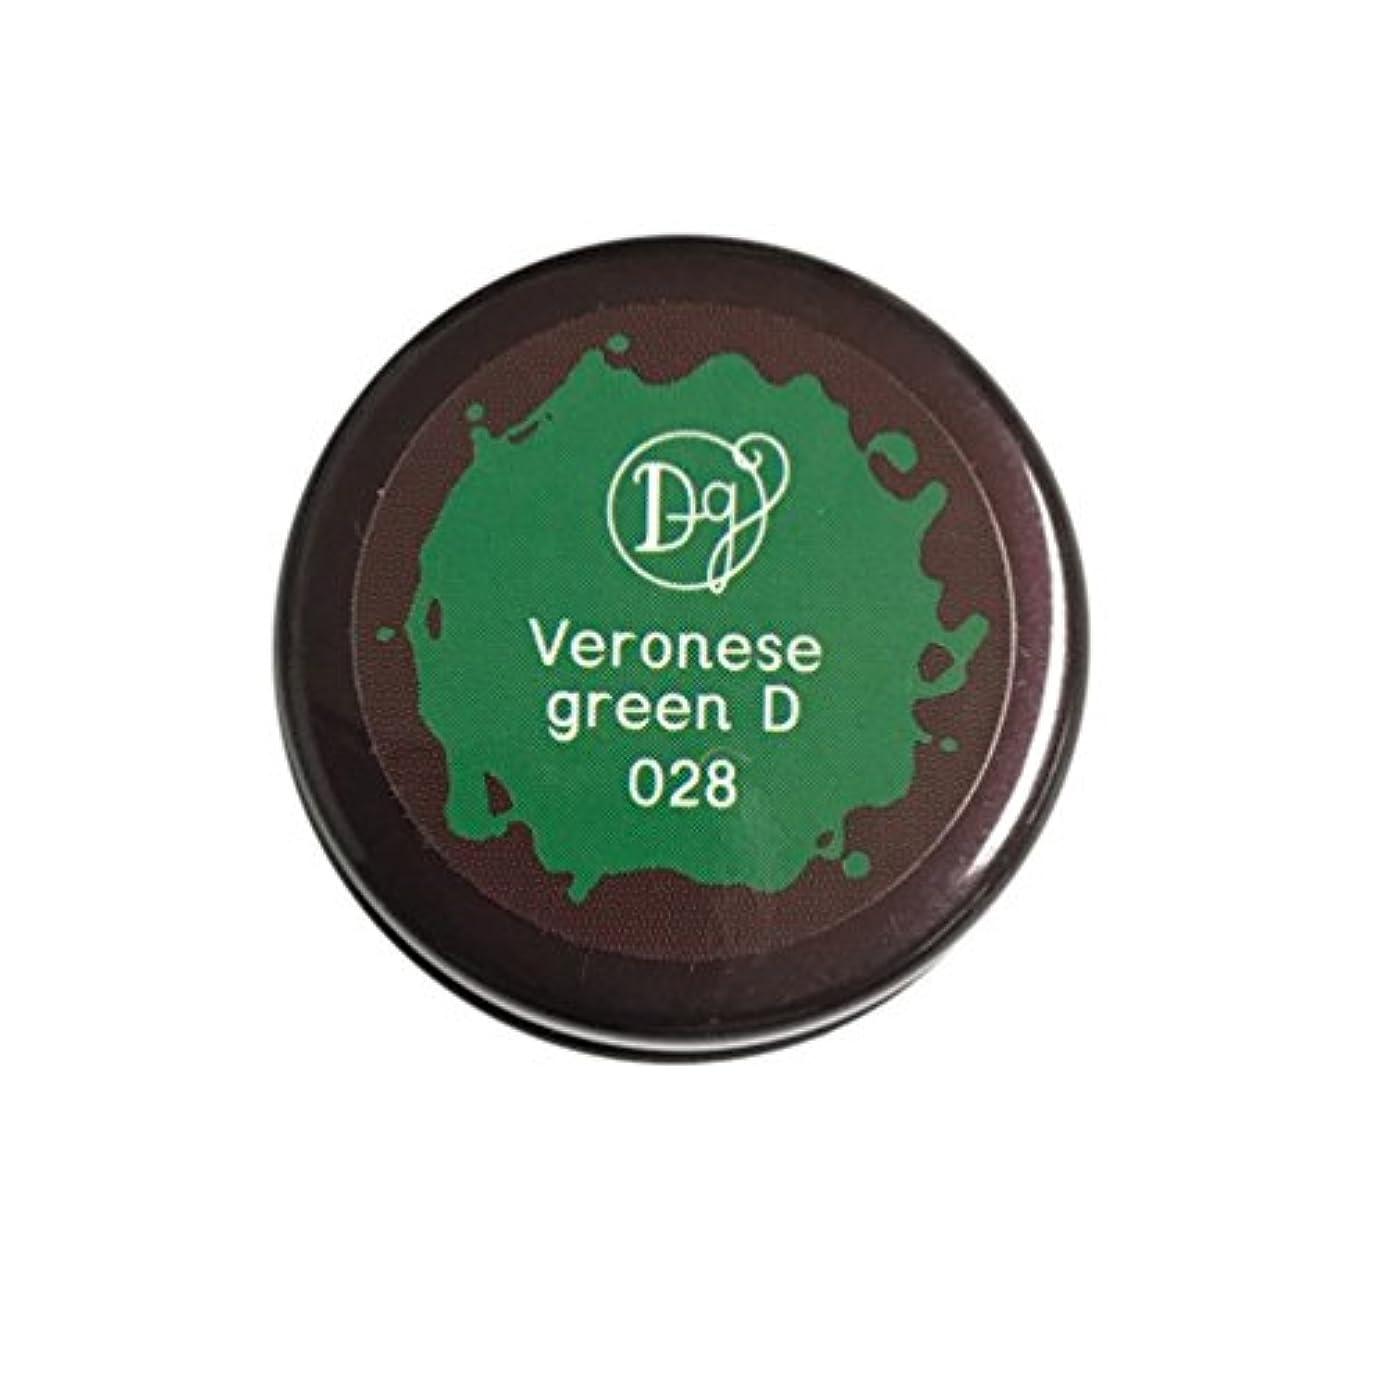 影響申請中コンパニオンDECORA GIRL カラージェル #028 ヴェネローゼグリーンディープ